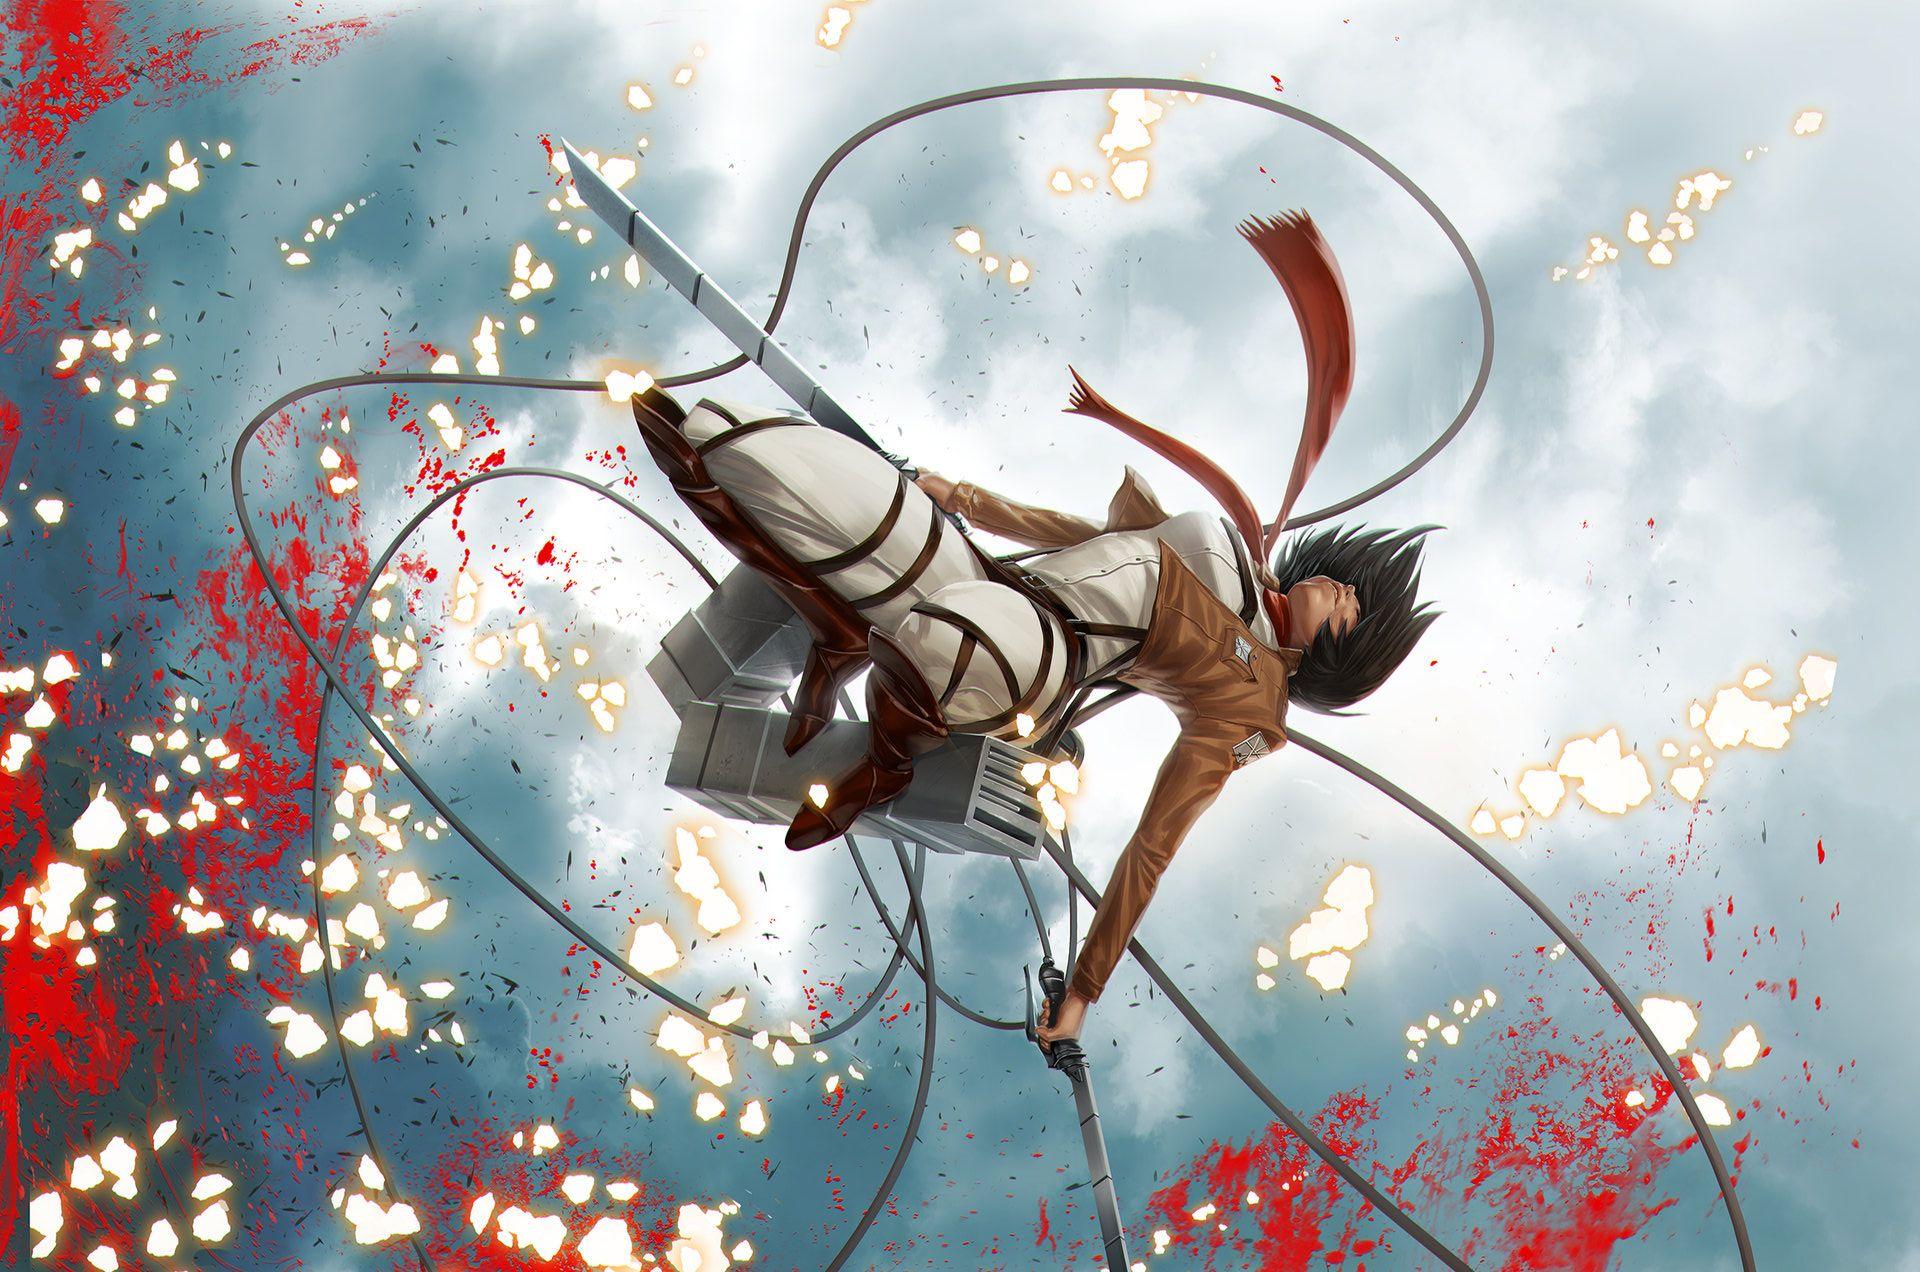 Anime Attack On Titan Mikasa Ackerman Wallpaper | attack on titan | Pinterest | Anime